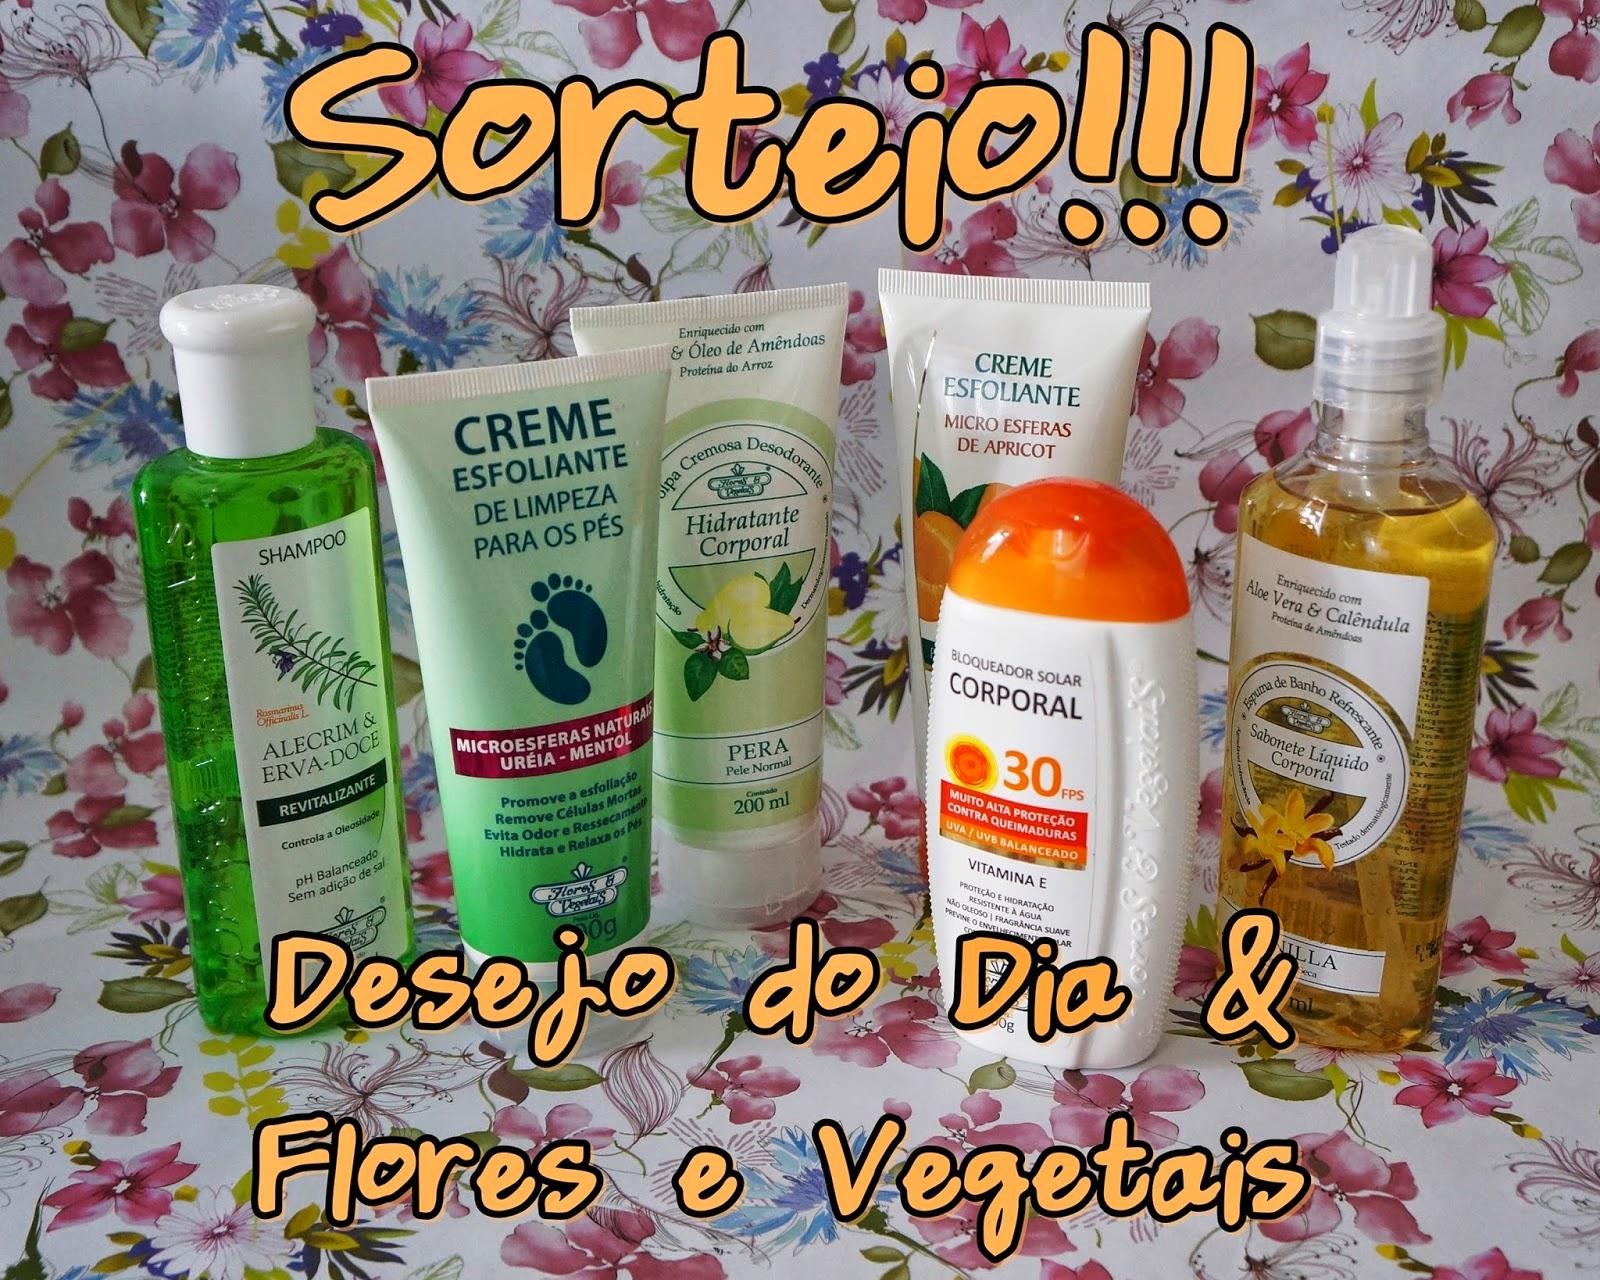 http://www.desejododia.com.br/2014/09/sorteio-canal-desejo-do-dia-flores-e.html